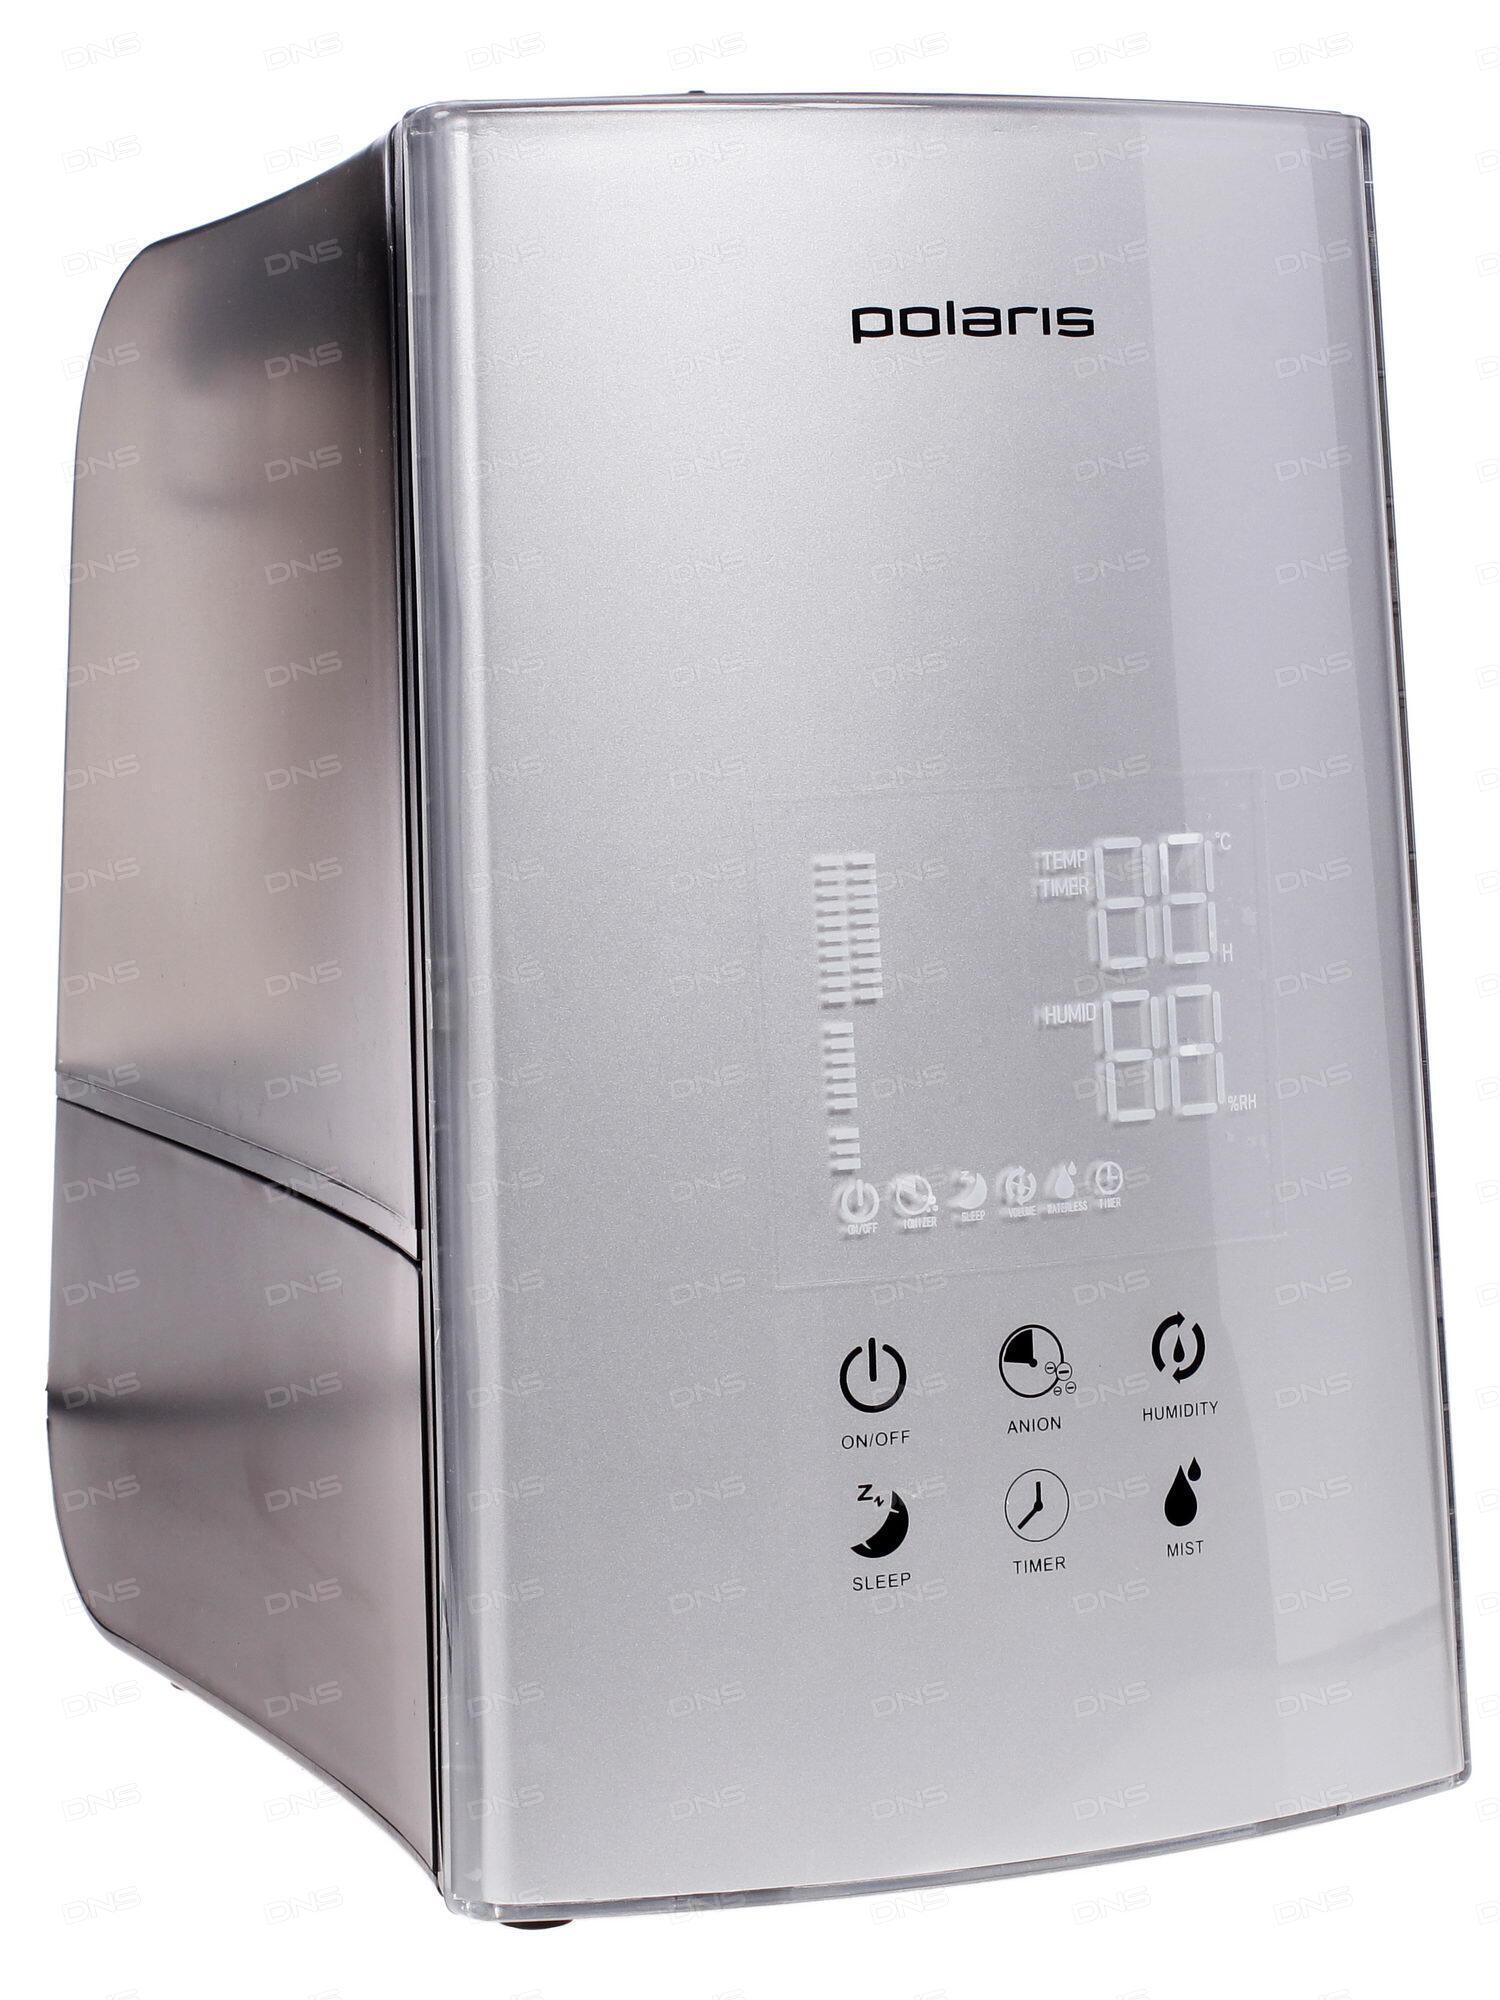 Увлажнитель воздуха Polaris PUH 2506Di. - YouTube